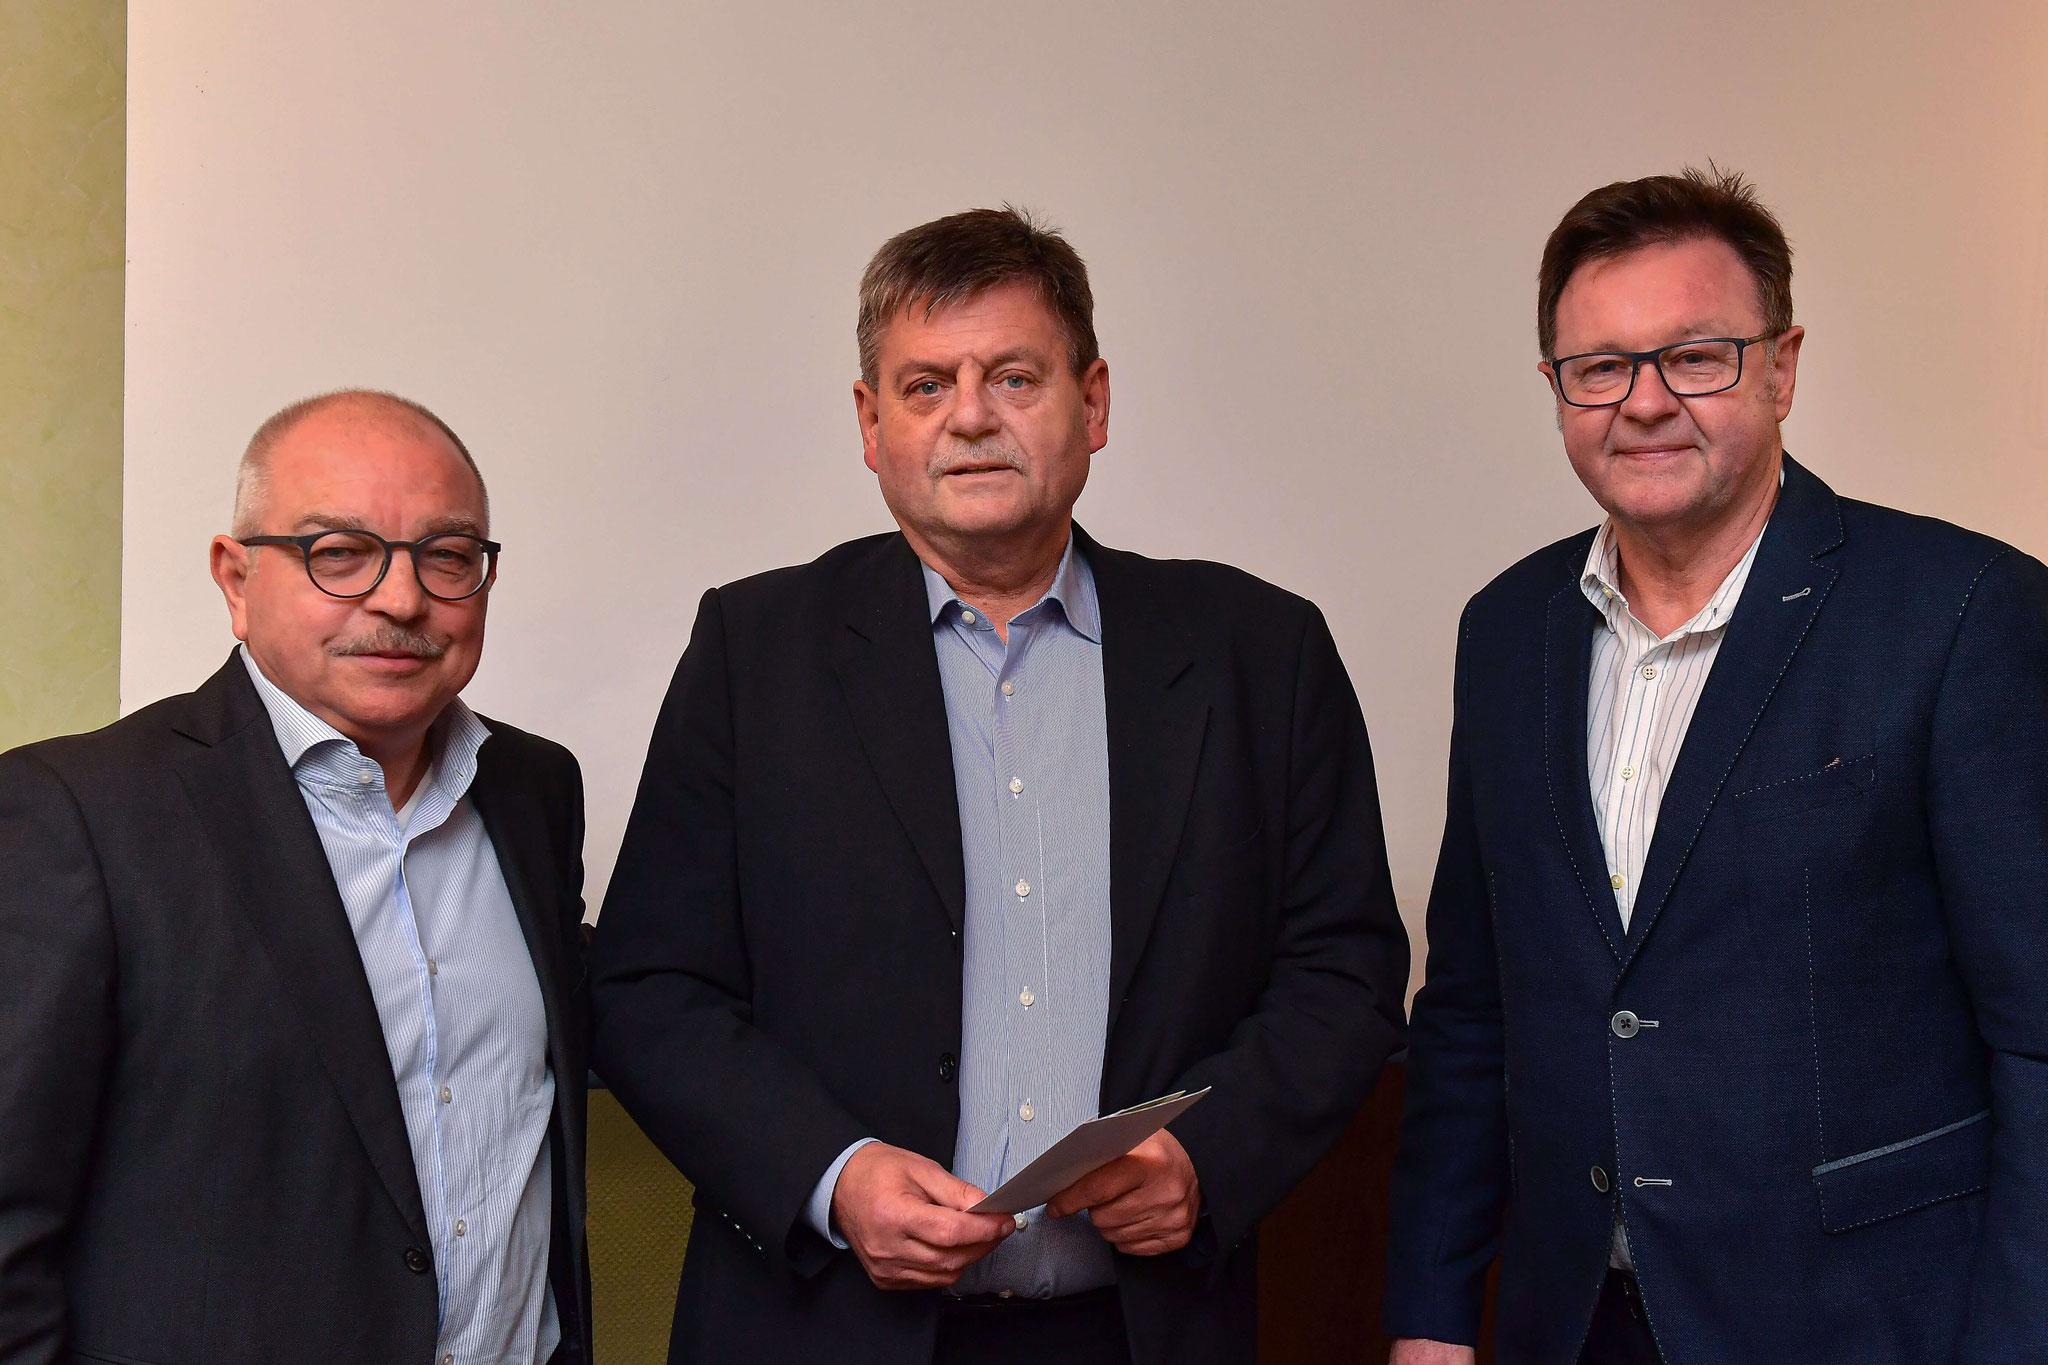 Verabschiedung Dr. Jürgen Meyer als Vorstandsmitglied der IGJS